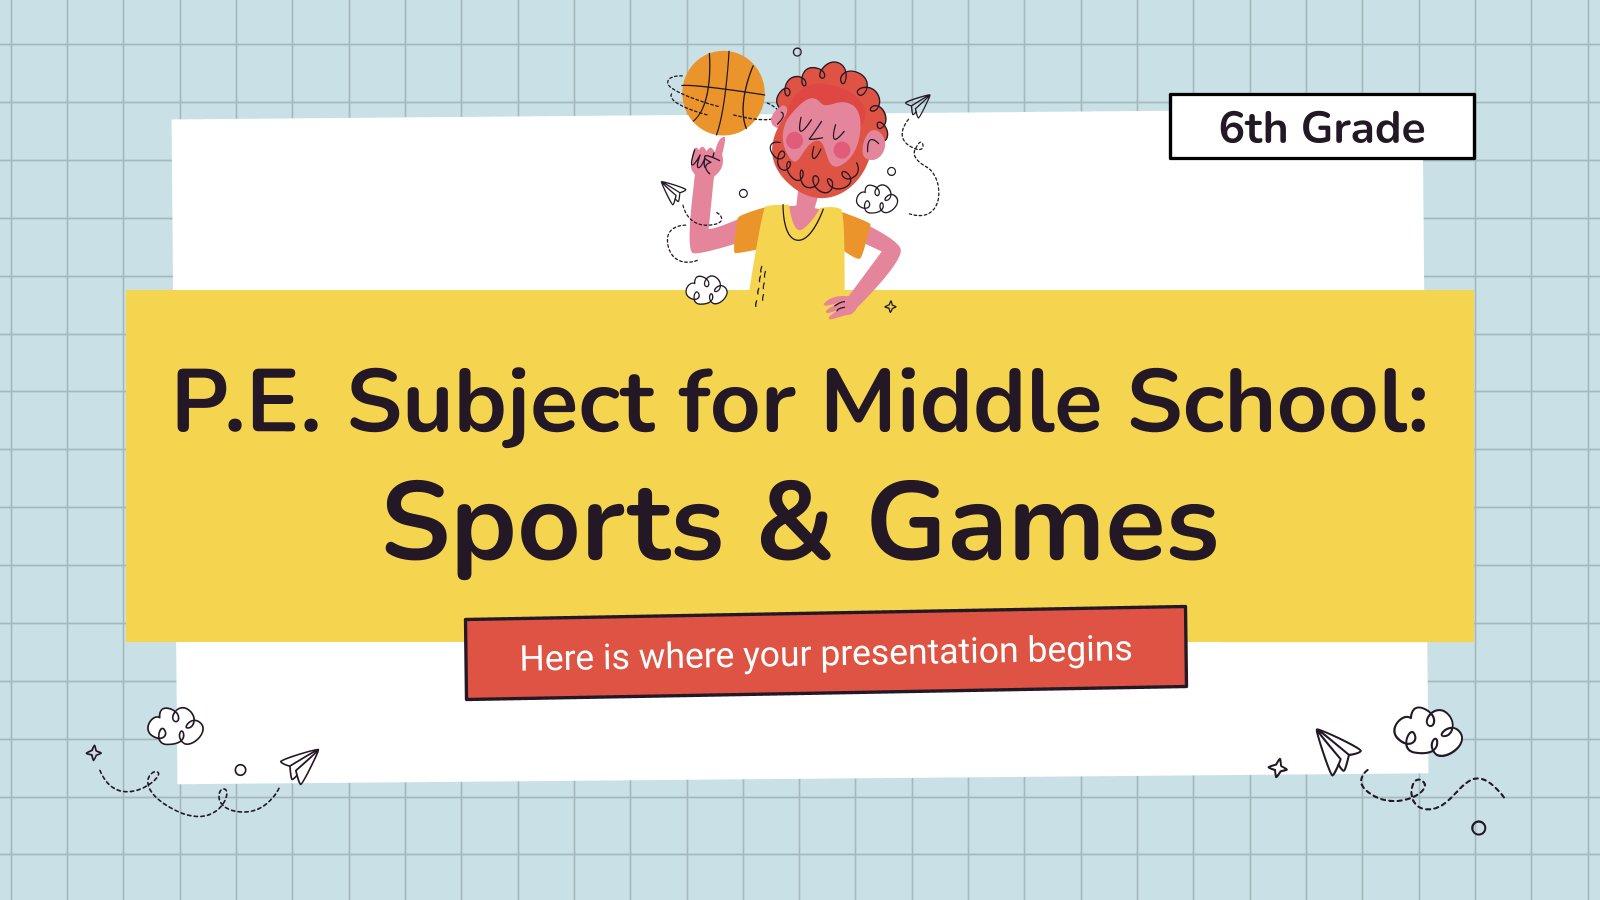 Sportunterricht für die 6. Klasse Präsentationsvorlage